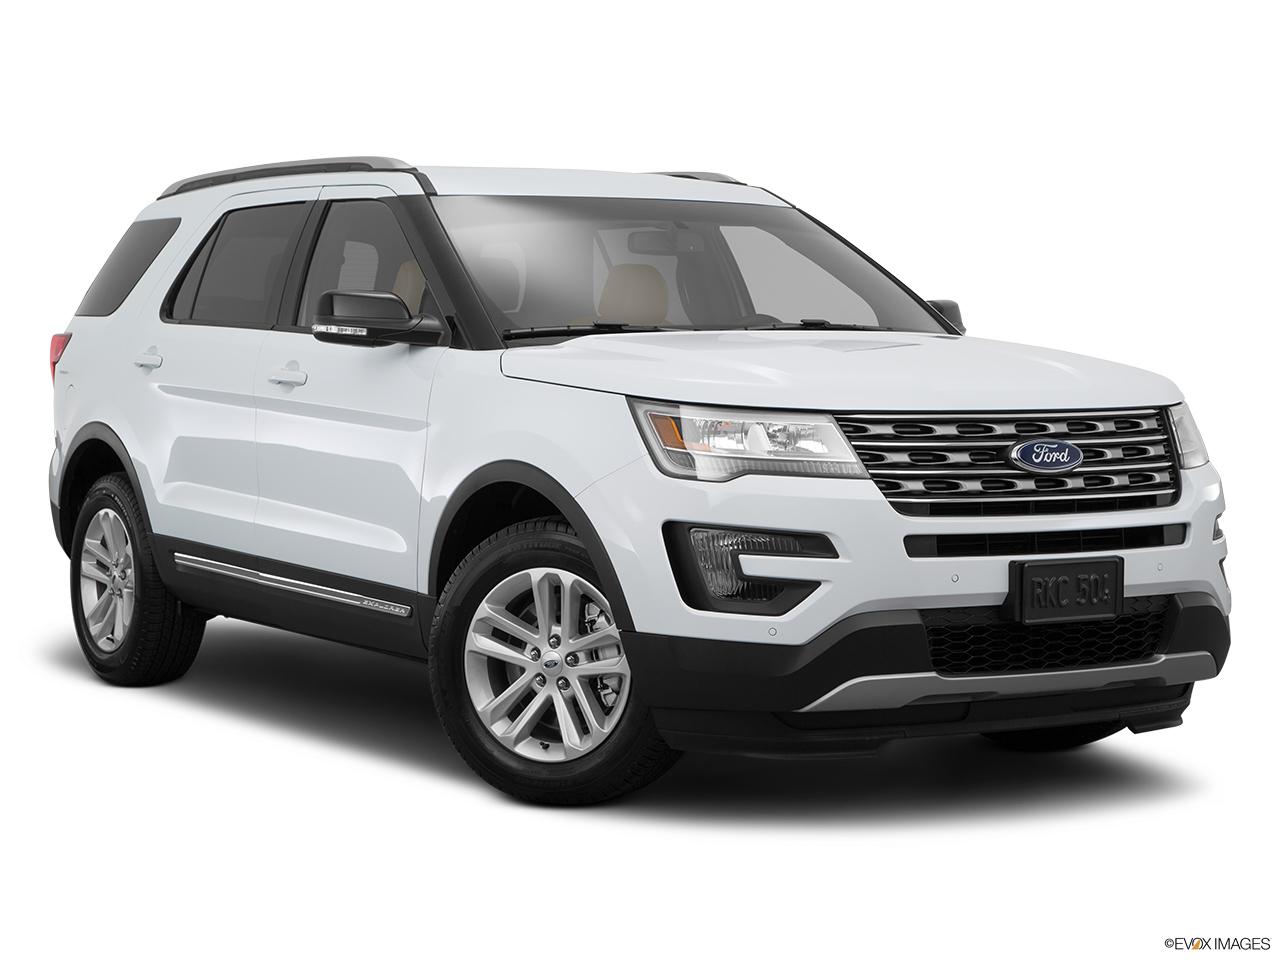 car pictures list for ford explorer 2016 3 5l v6 xlt qatar yallamotor. Black Bedroom Furniture Sets. Home Design Ideas